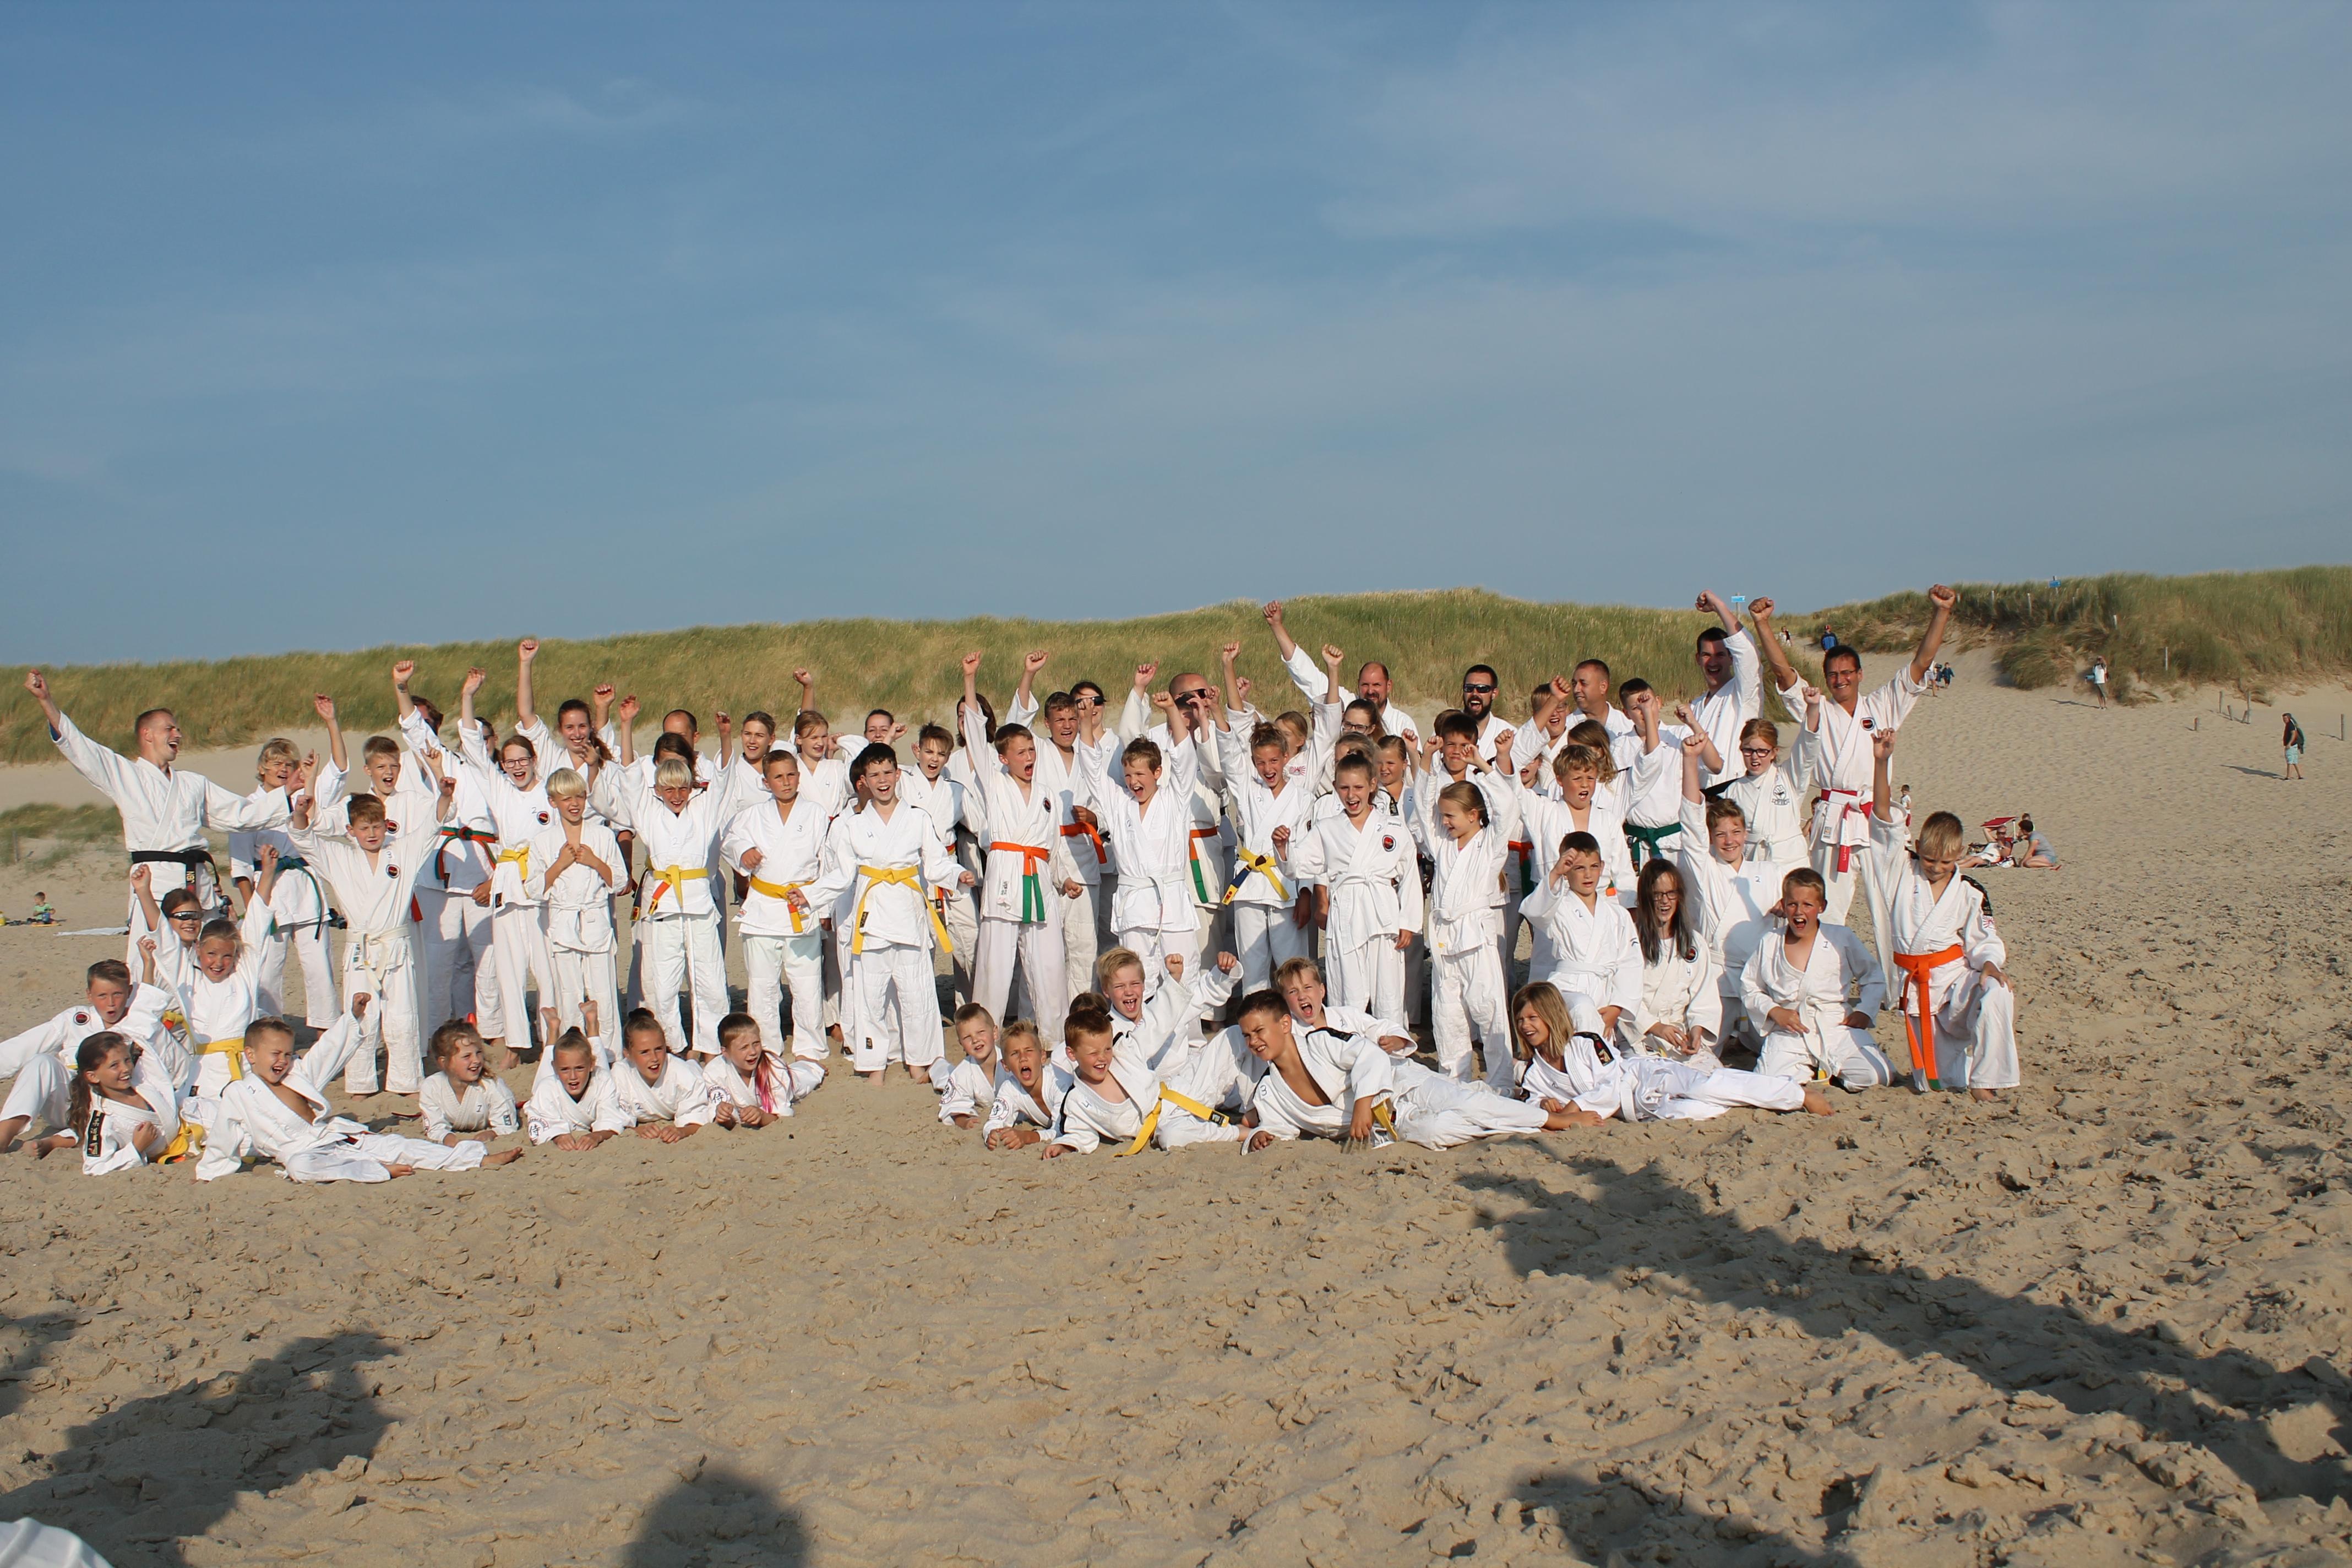 De leden van Shintai en Budo school Niedorp hebben het seizoen afgesloten op het strand van Callantsoog. (Foto: aangeleverd)